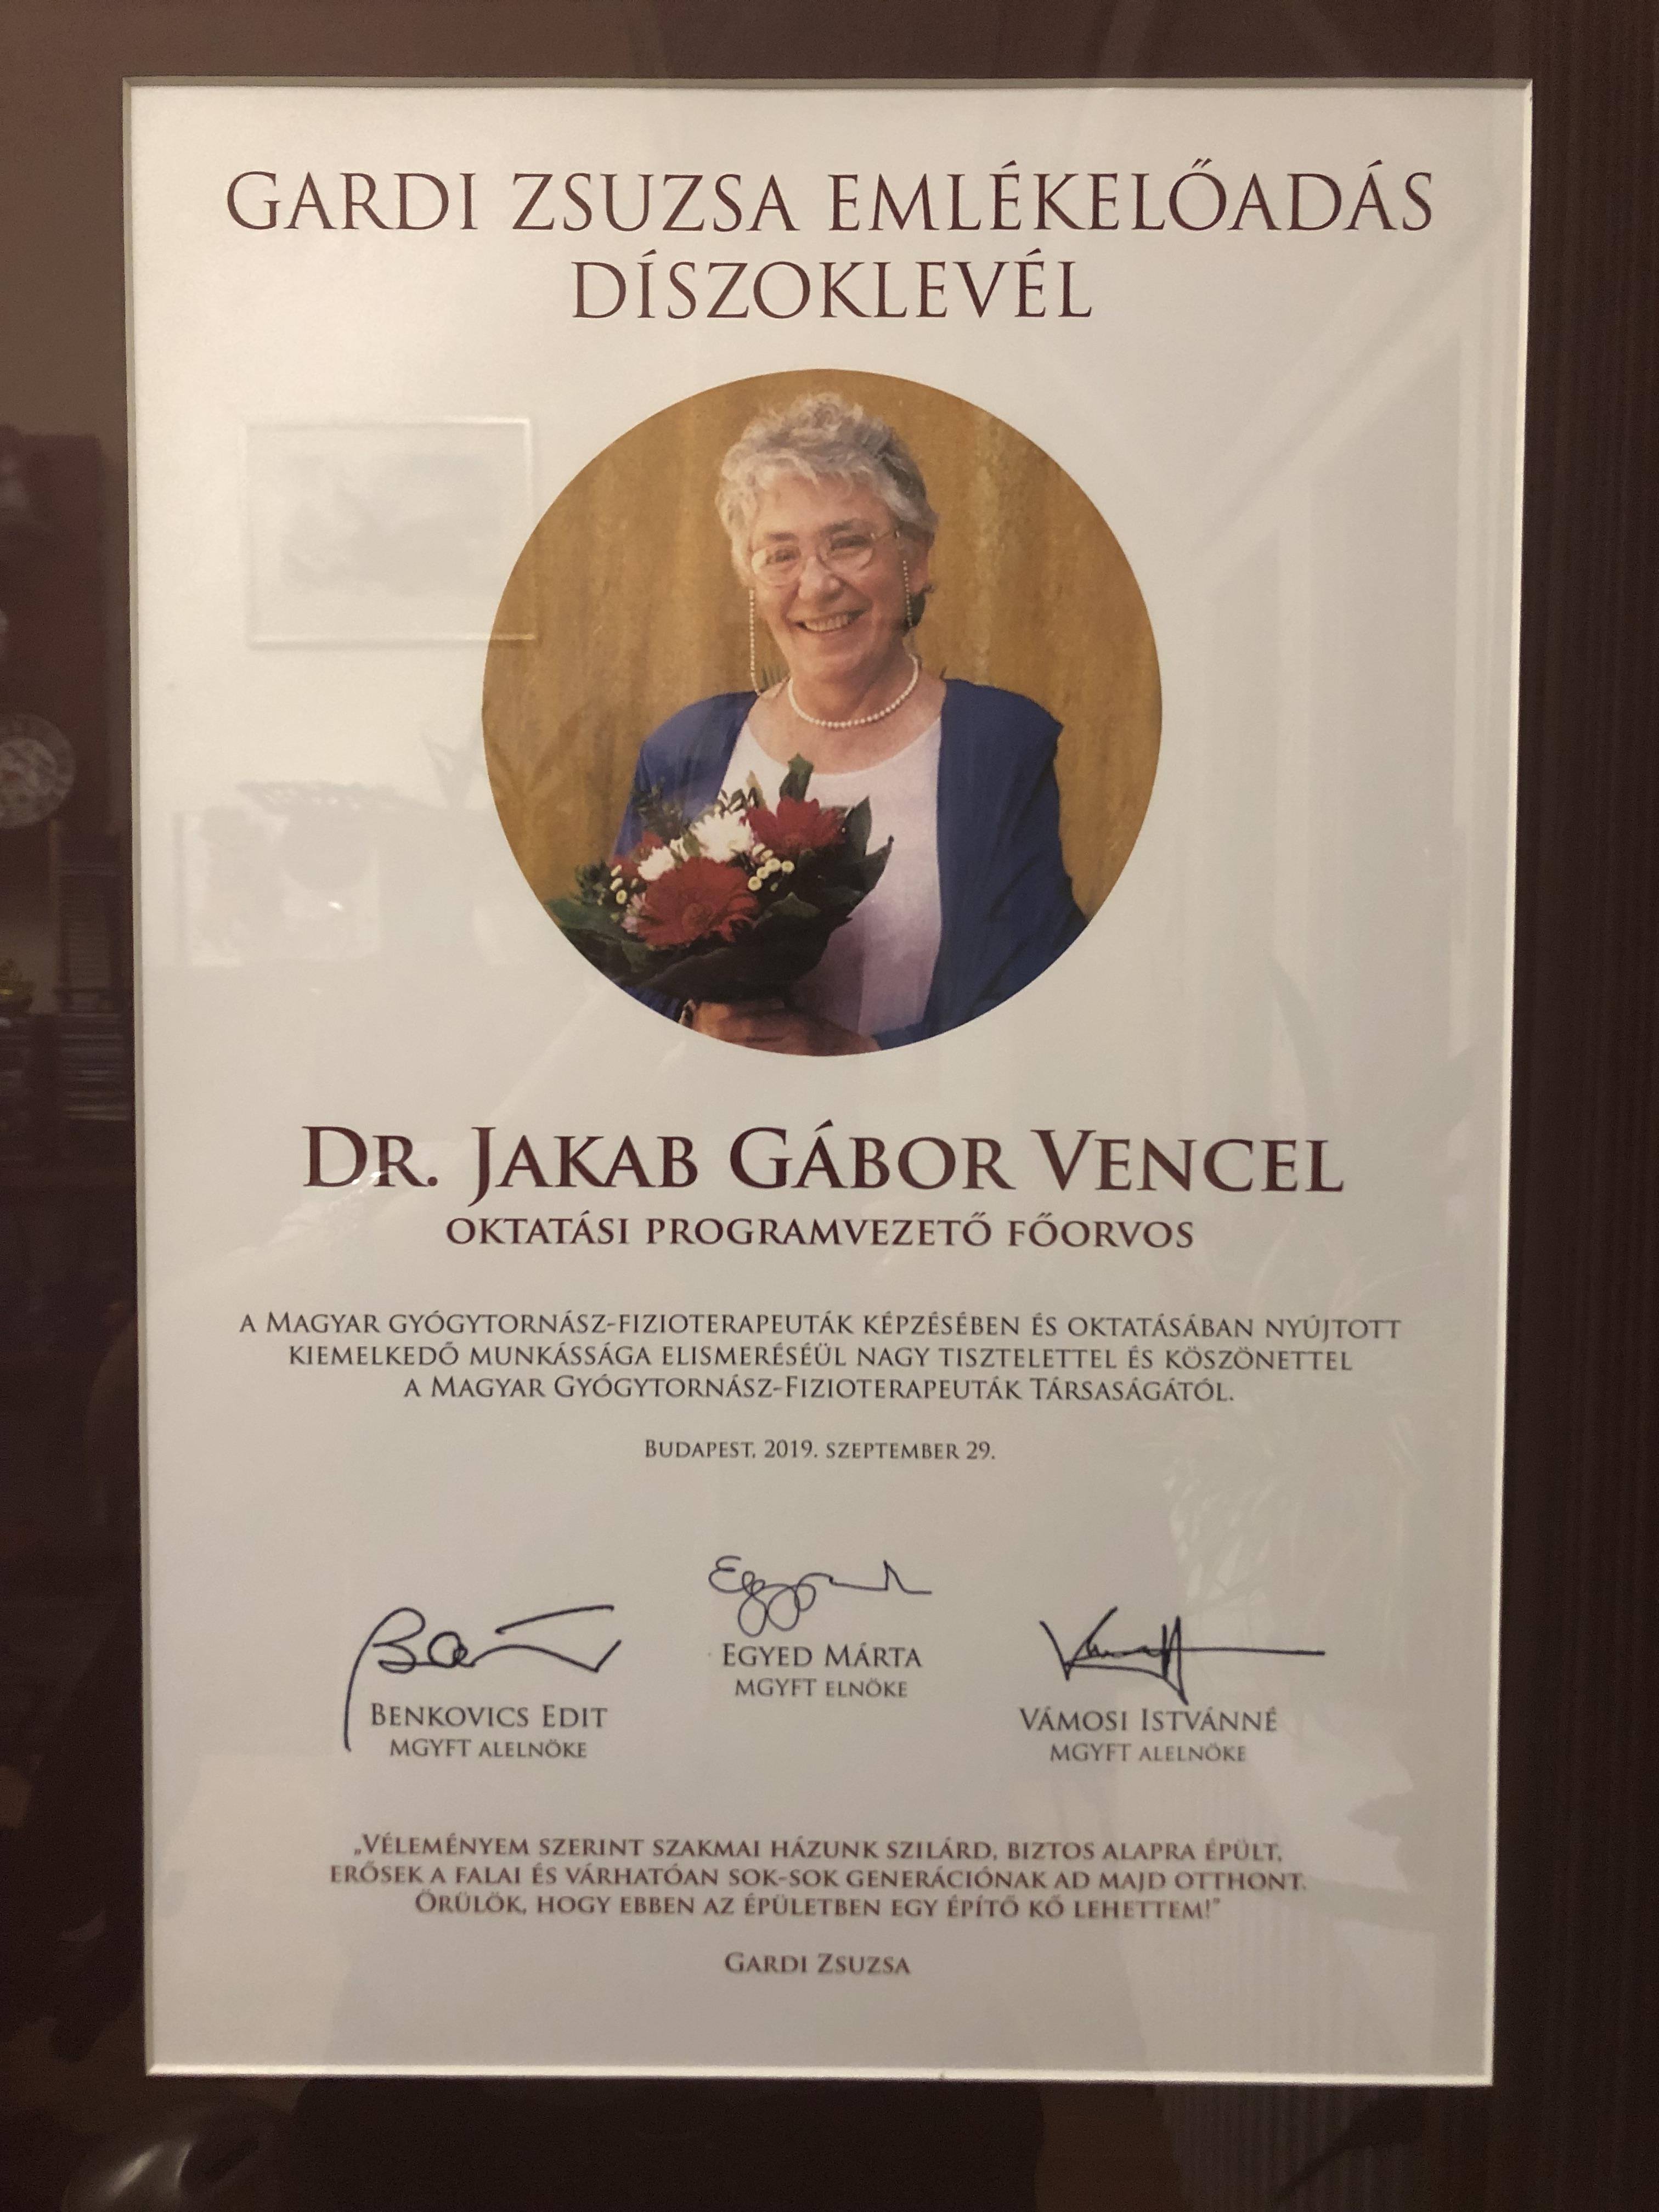 dr-jakab-gabor-vencel